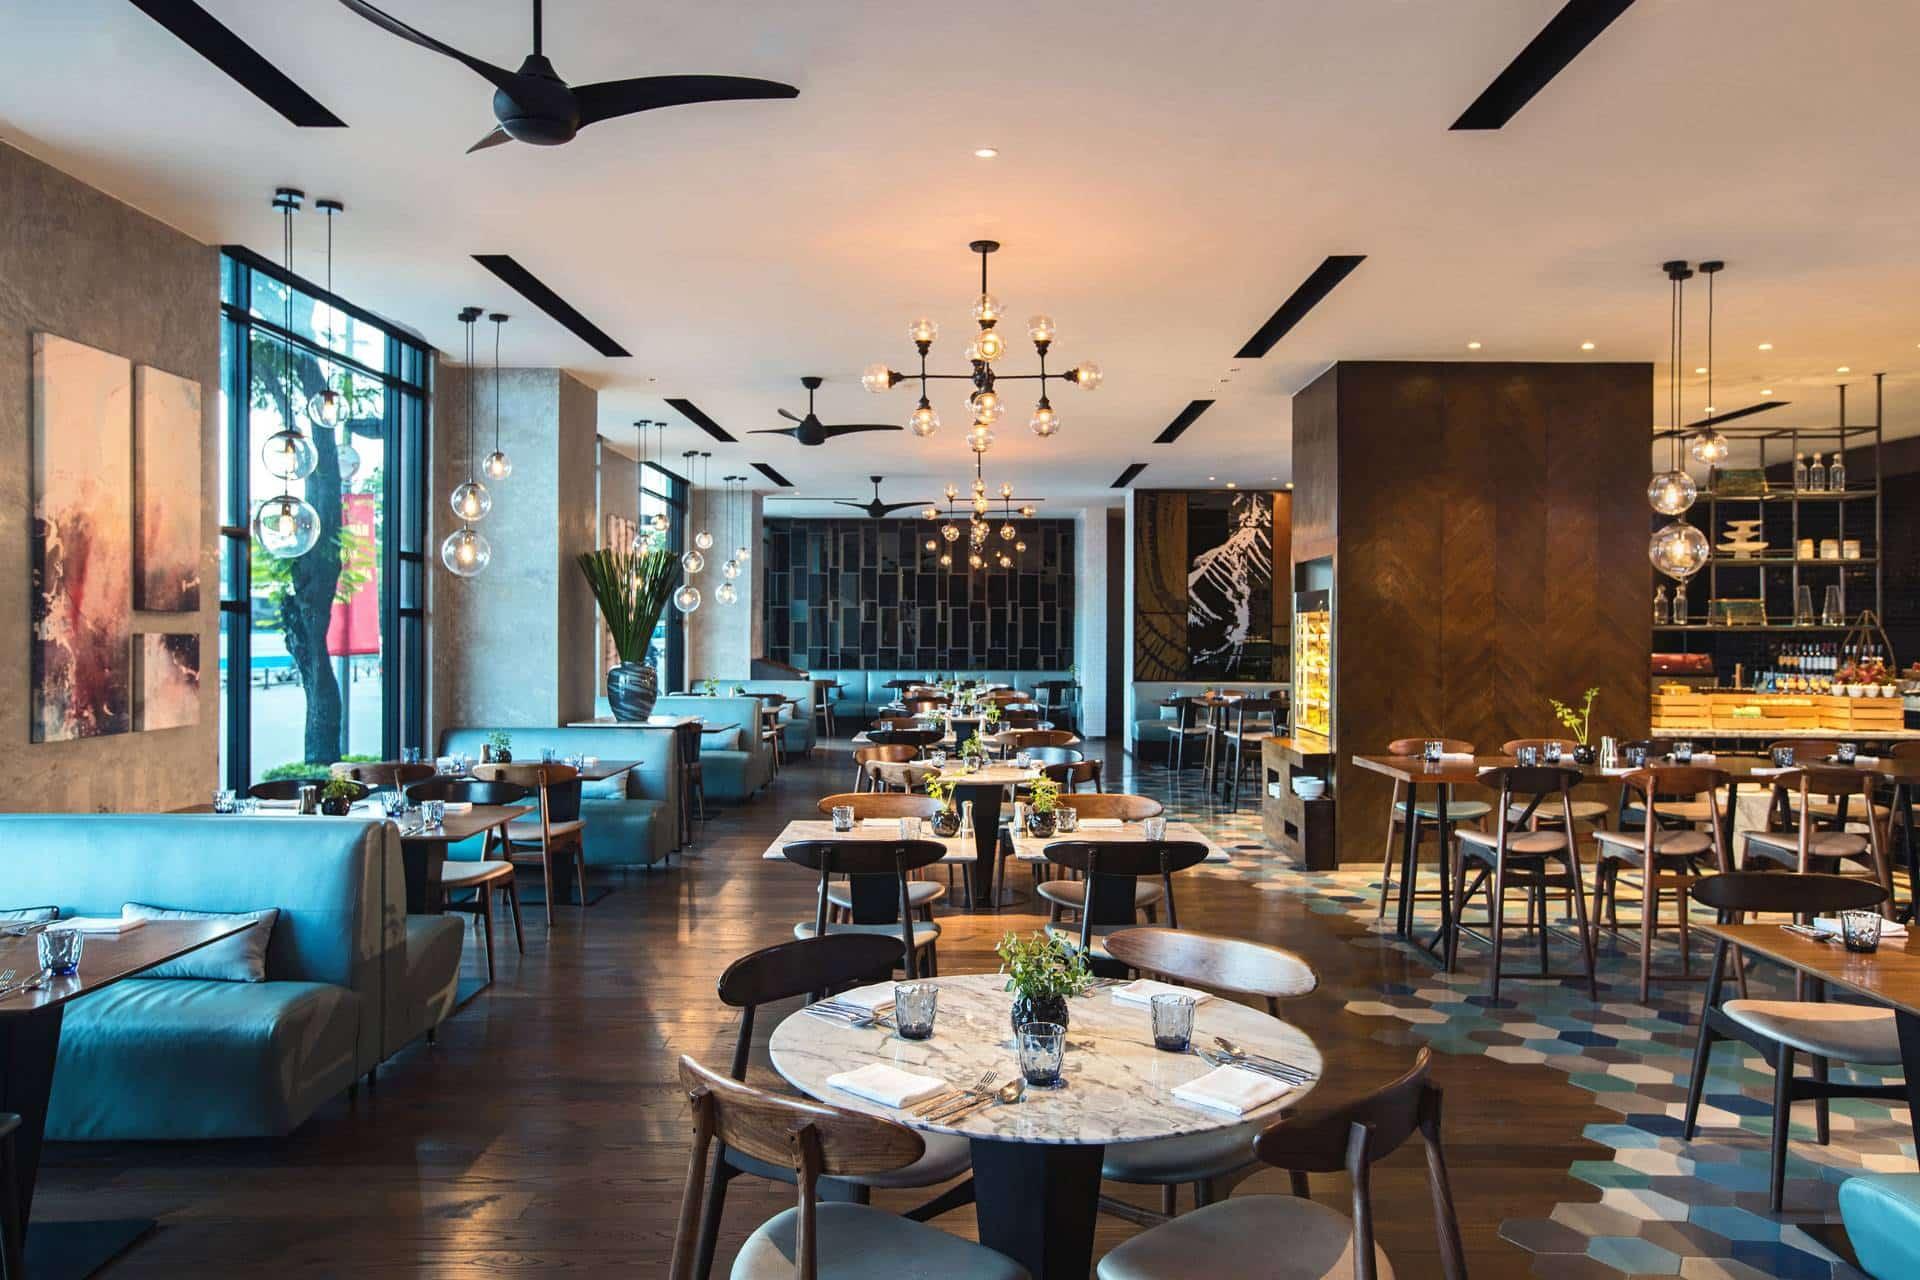 Top 8 nhà hàng sang trọng ở Sài Gòn cho bữa tối Ngày Phụ Nữ thêm đáng nhớ